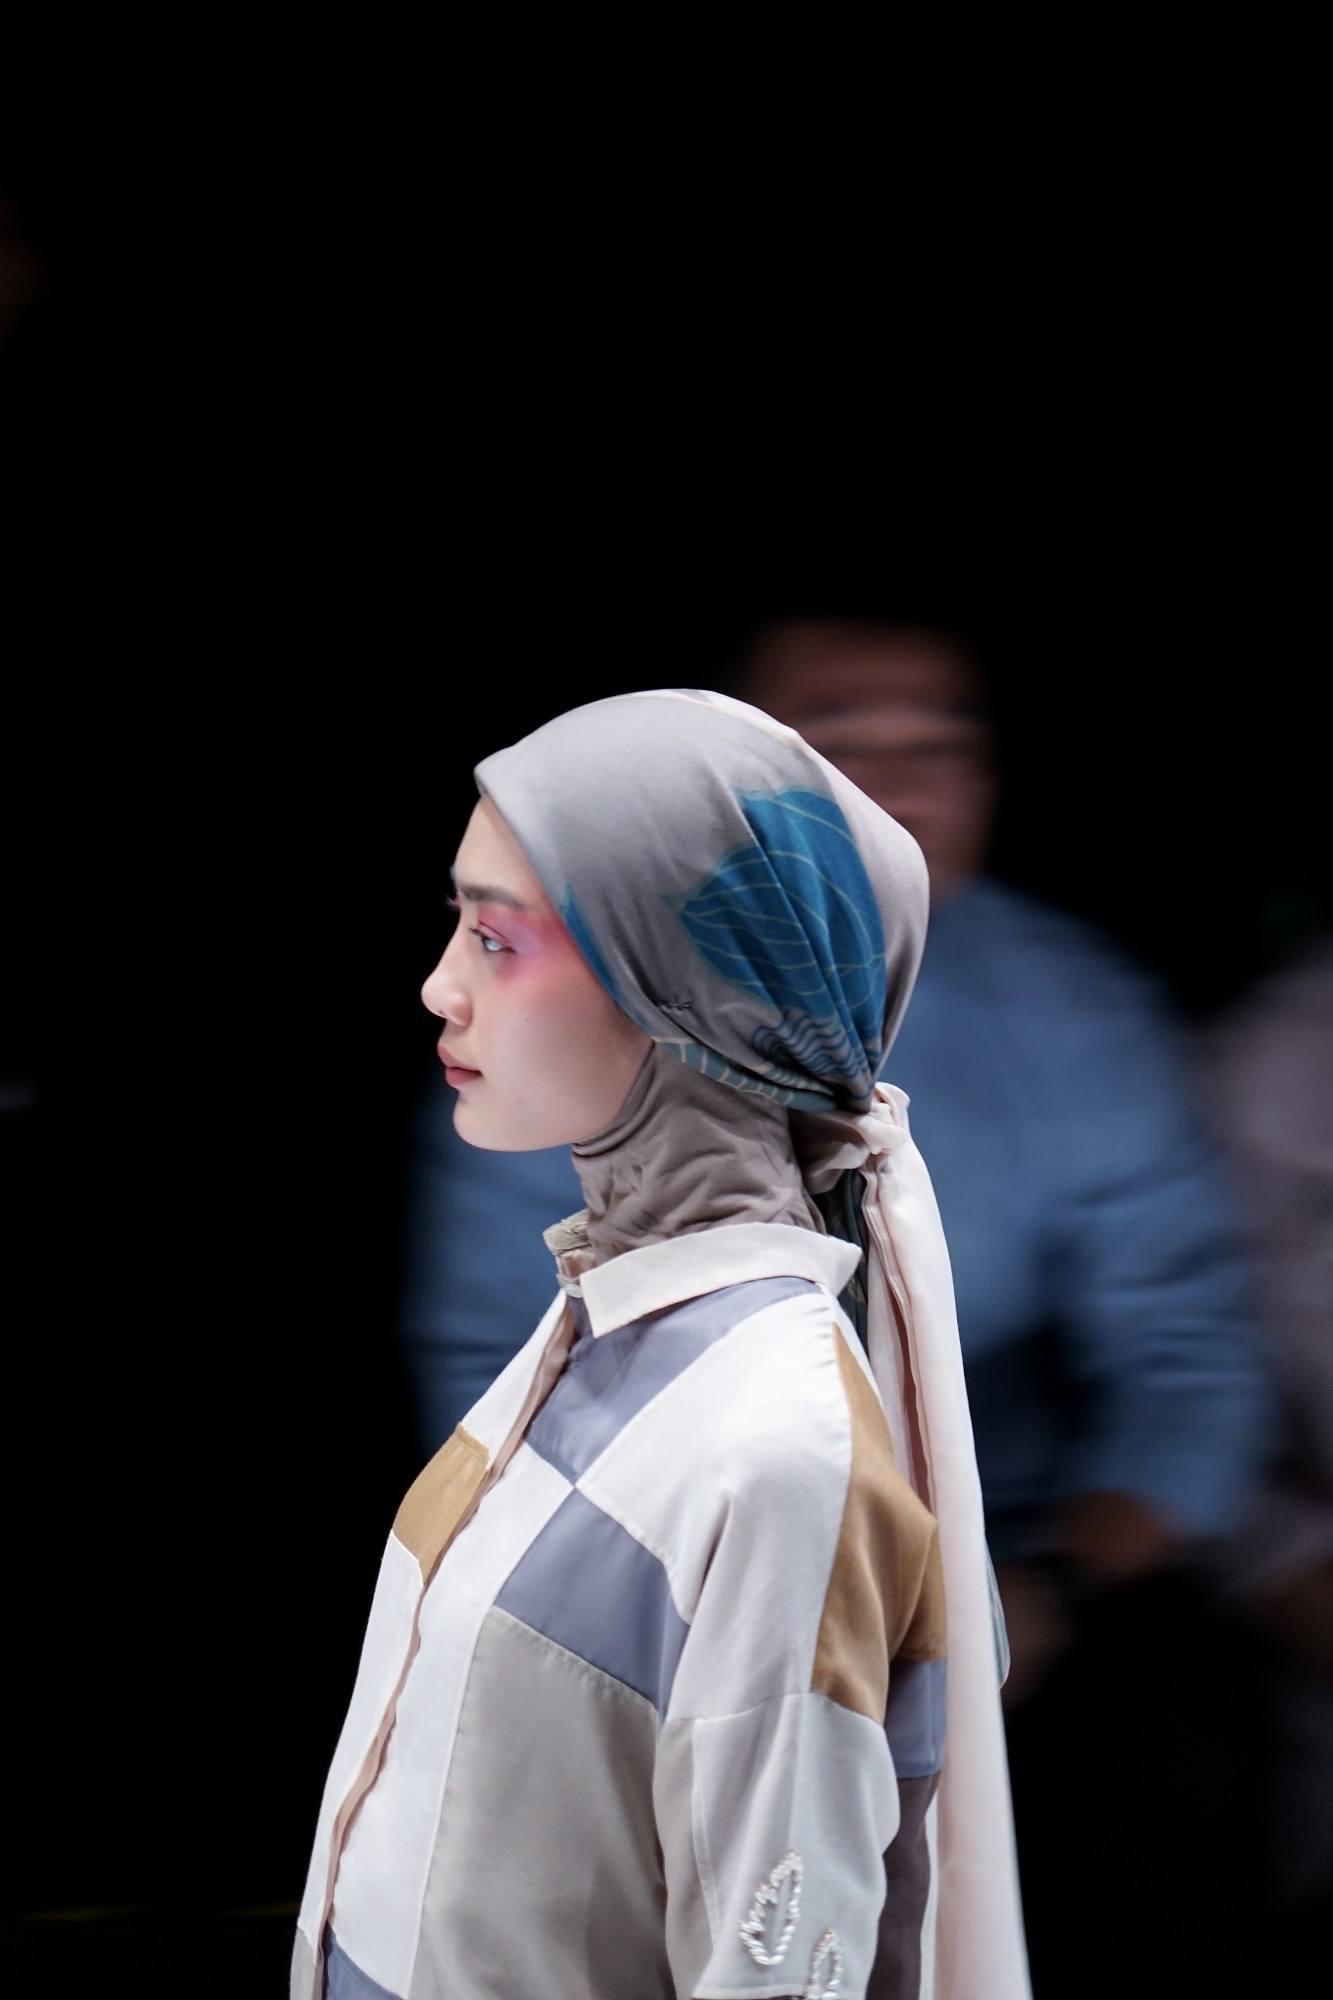 Gaya hijab segi empat ala bohemian